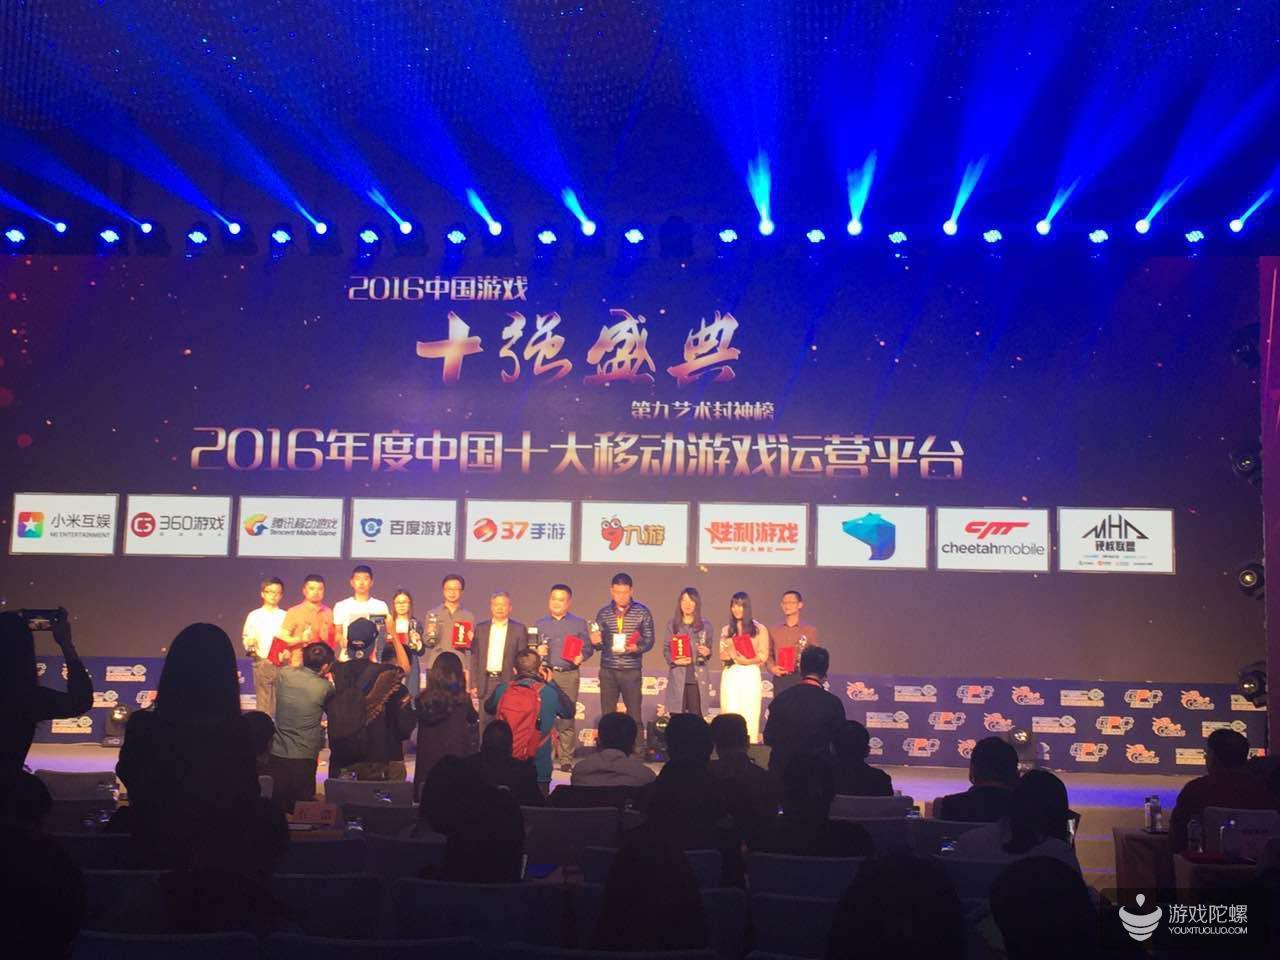 """硬核联盟获2016年度中国""""游戏十强""""大奖"""